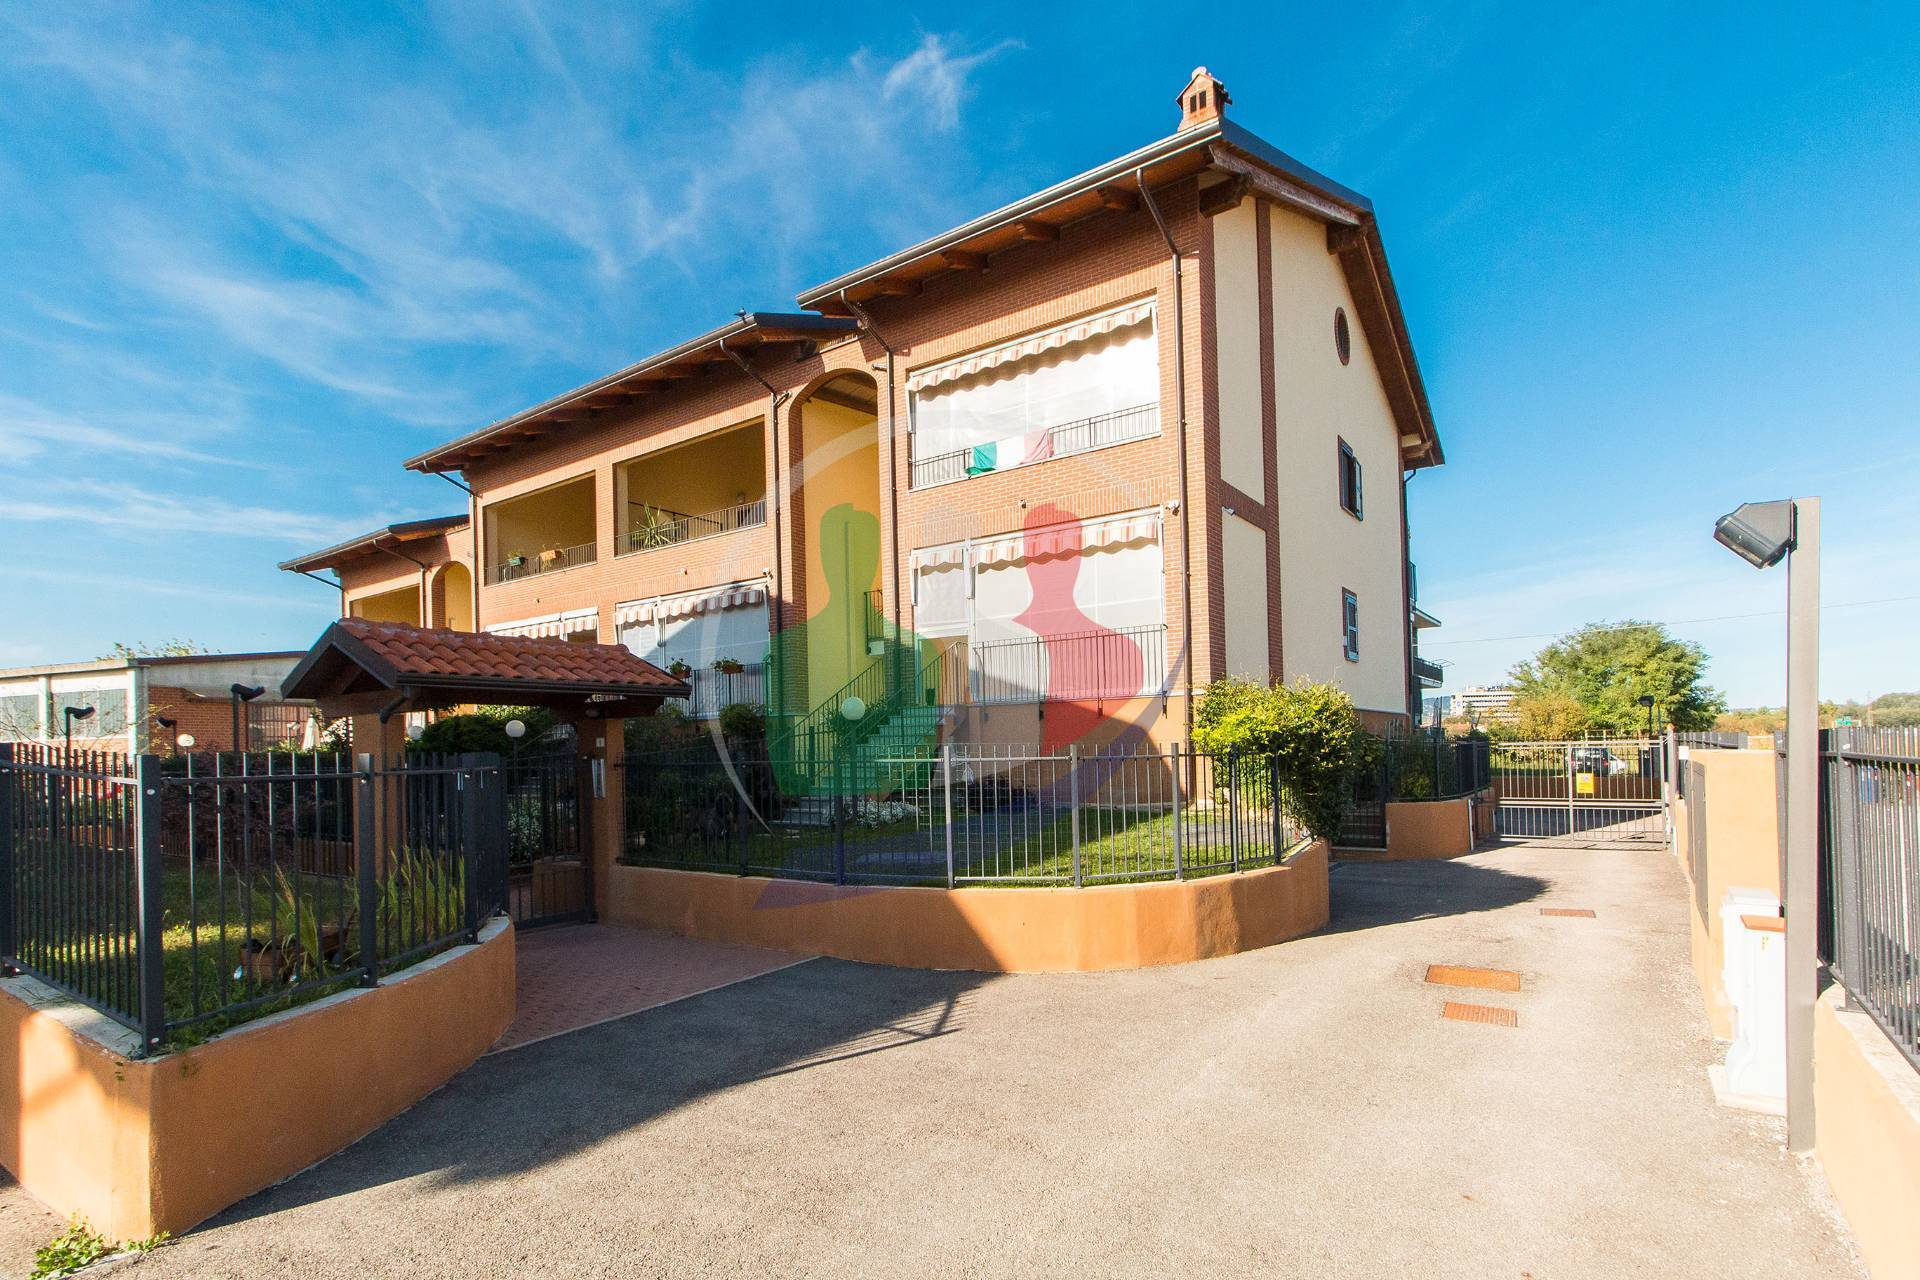 Appartamento in vendita a Moncalieri, 2 locali, zona ucchi, prezzo € 168.000   PortaleAgenzieImmobiliari.it